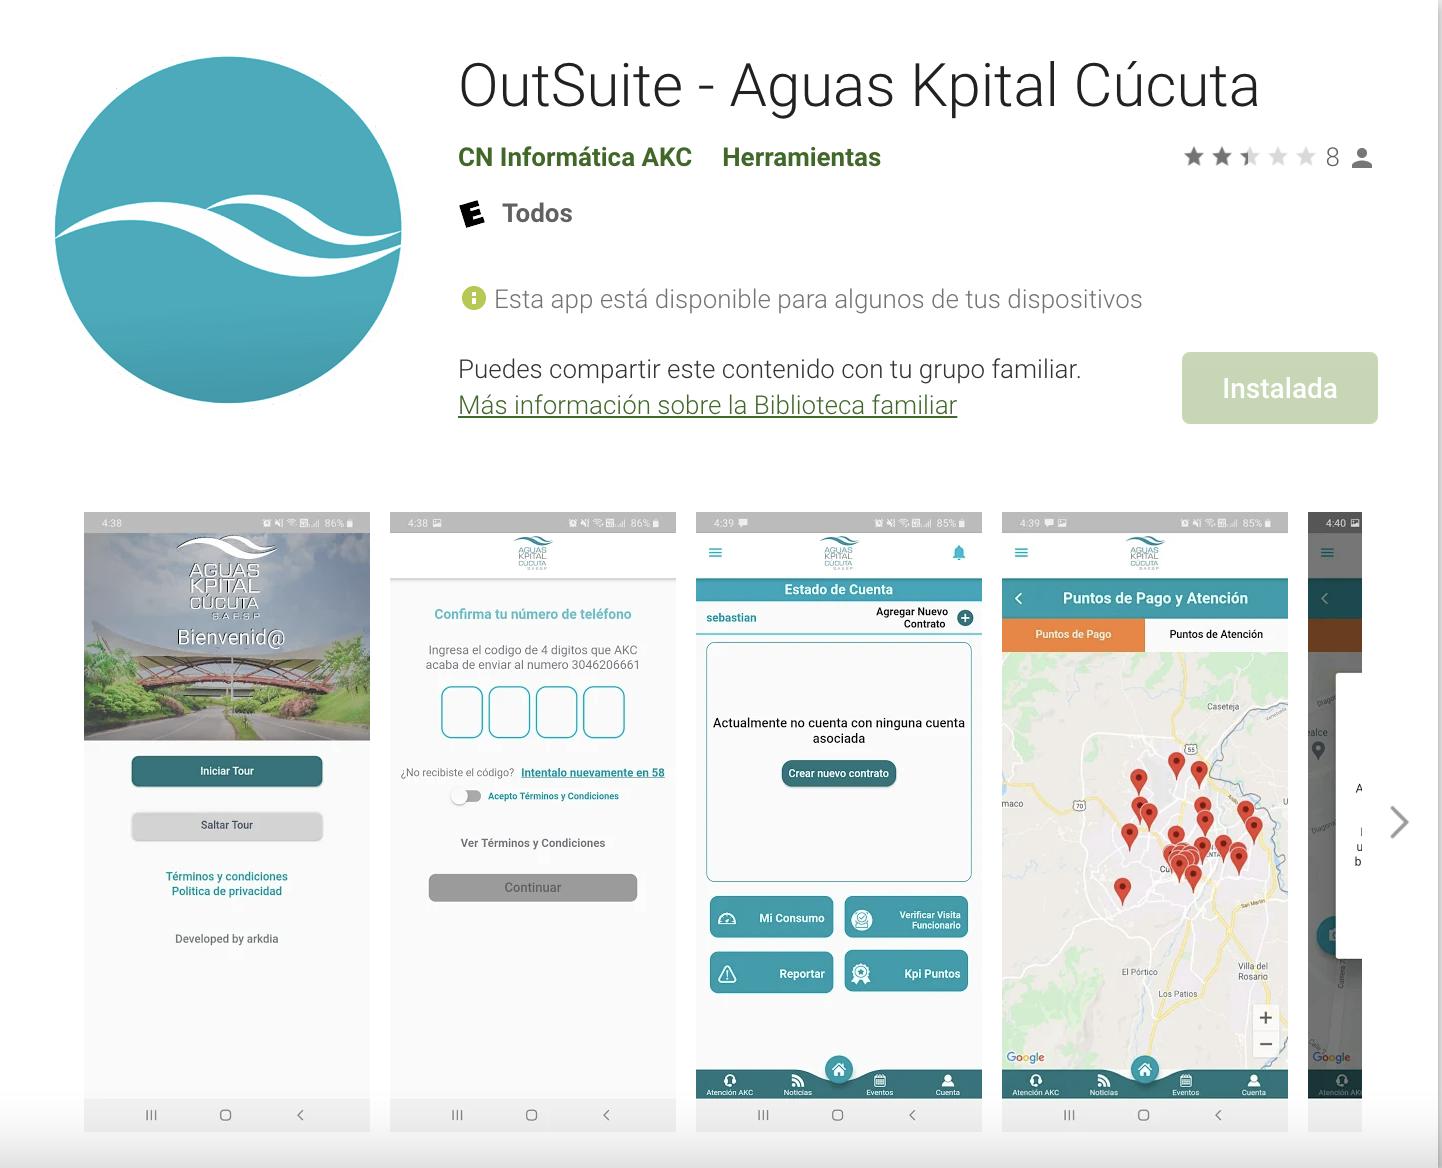 Aguas Kpital Cucuta - Aplicación Web